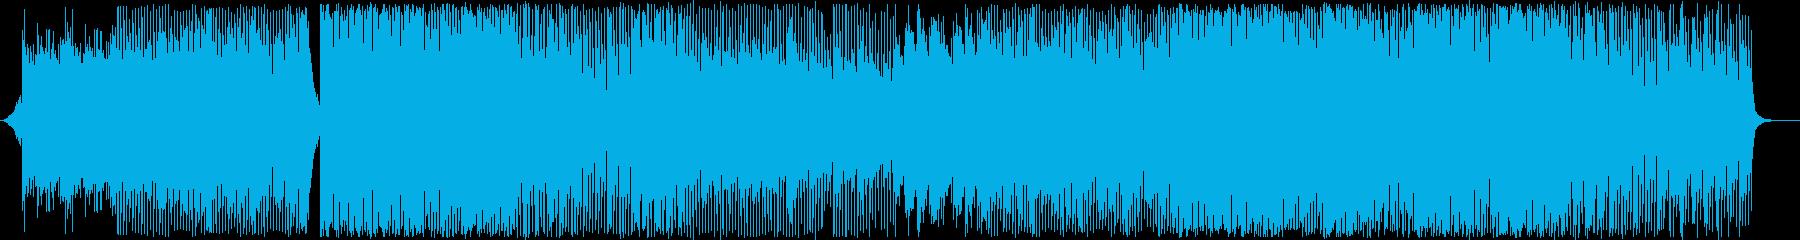 前向きでアクティブなプロモーション映像等の再生済みの波形